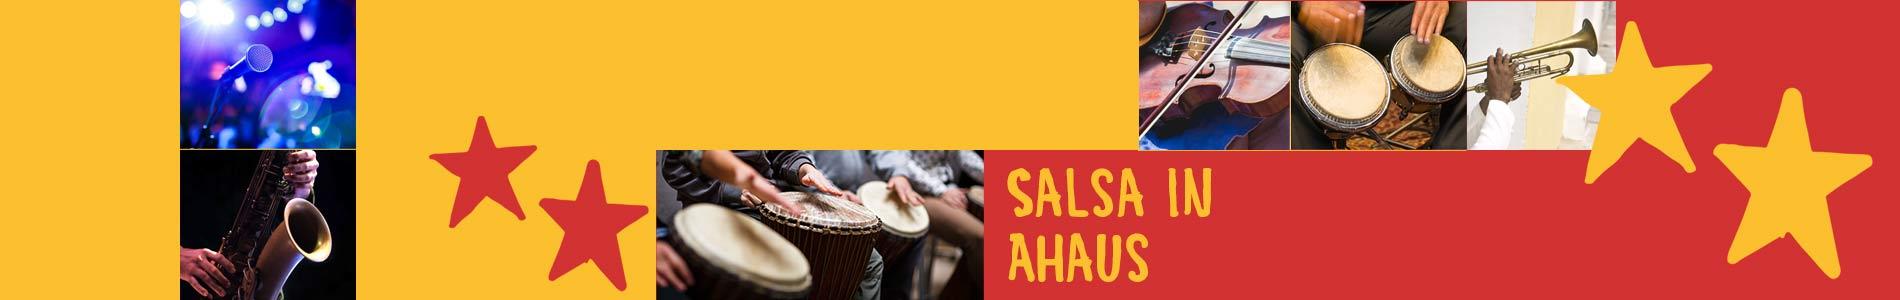 Salsa in Ahaus – Salsa lernen und tanzen, Tanzkurse, Partys, Veranstaltungen